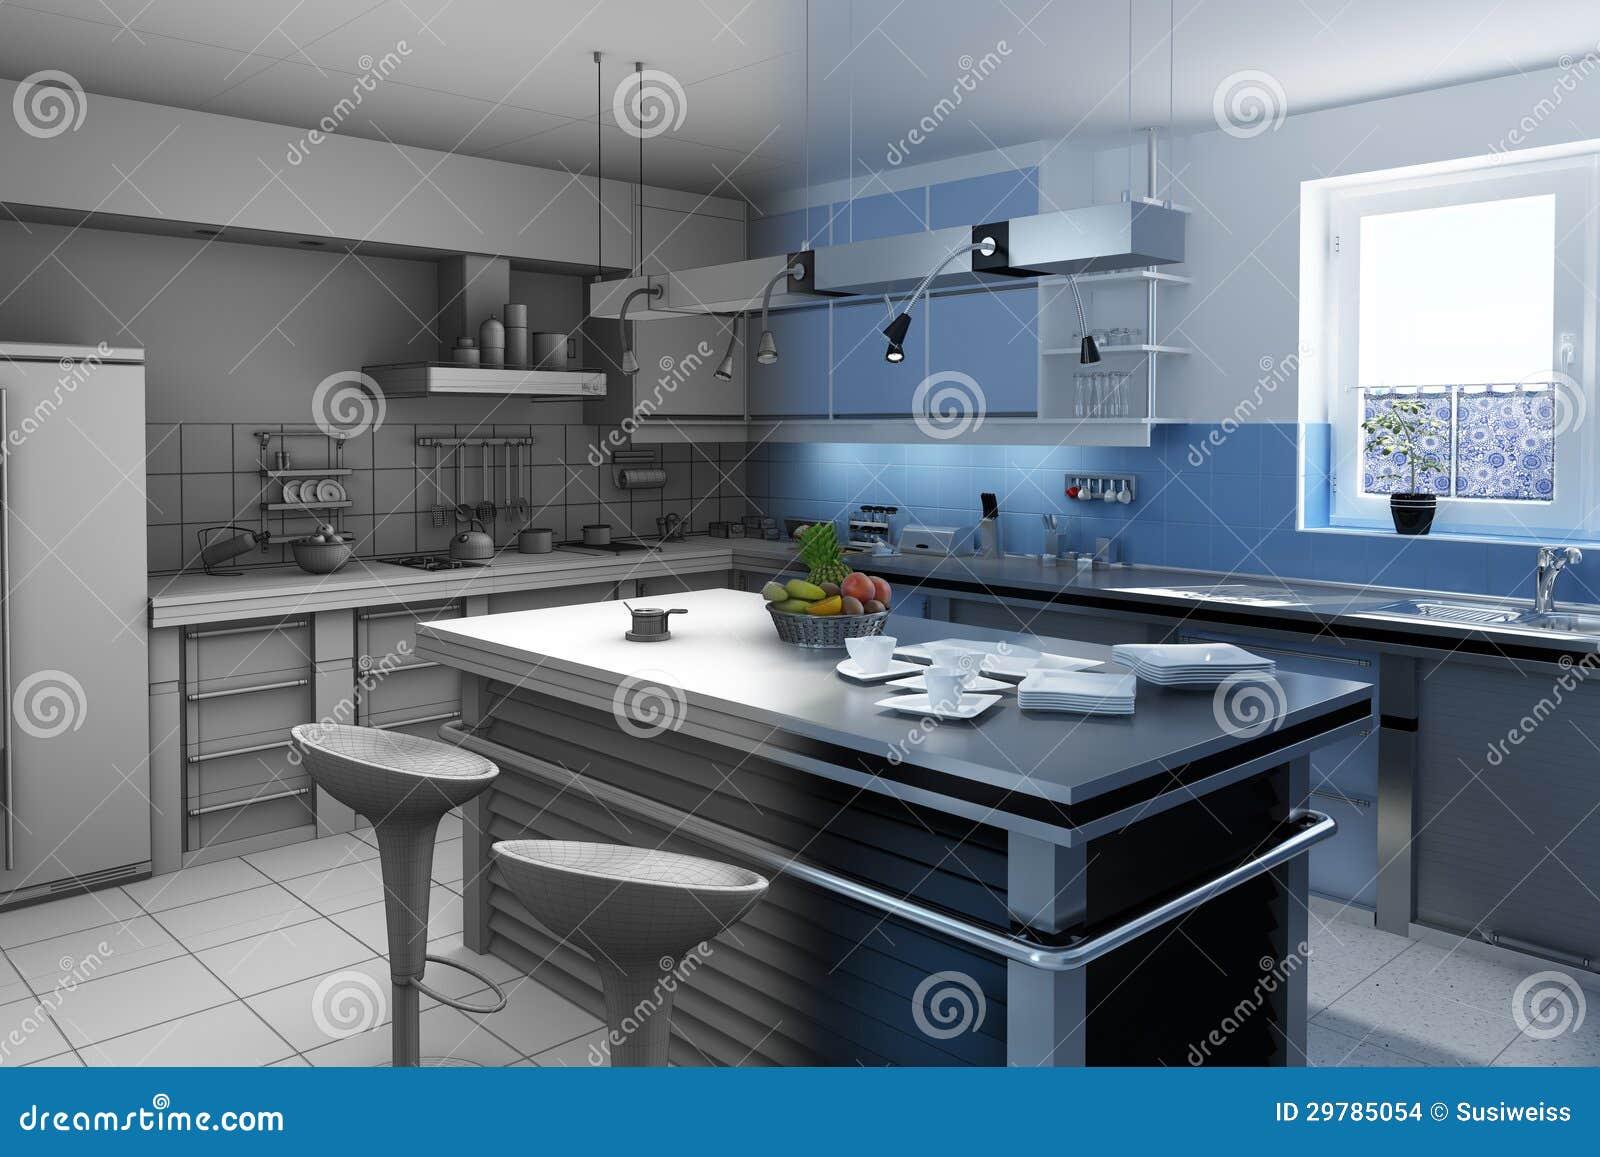 Cozinha moderna com um bloco da cozinha. #82A328 1300 957